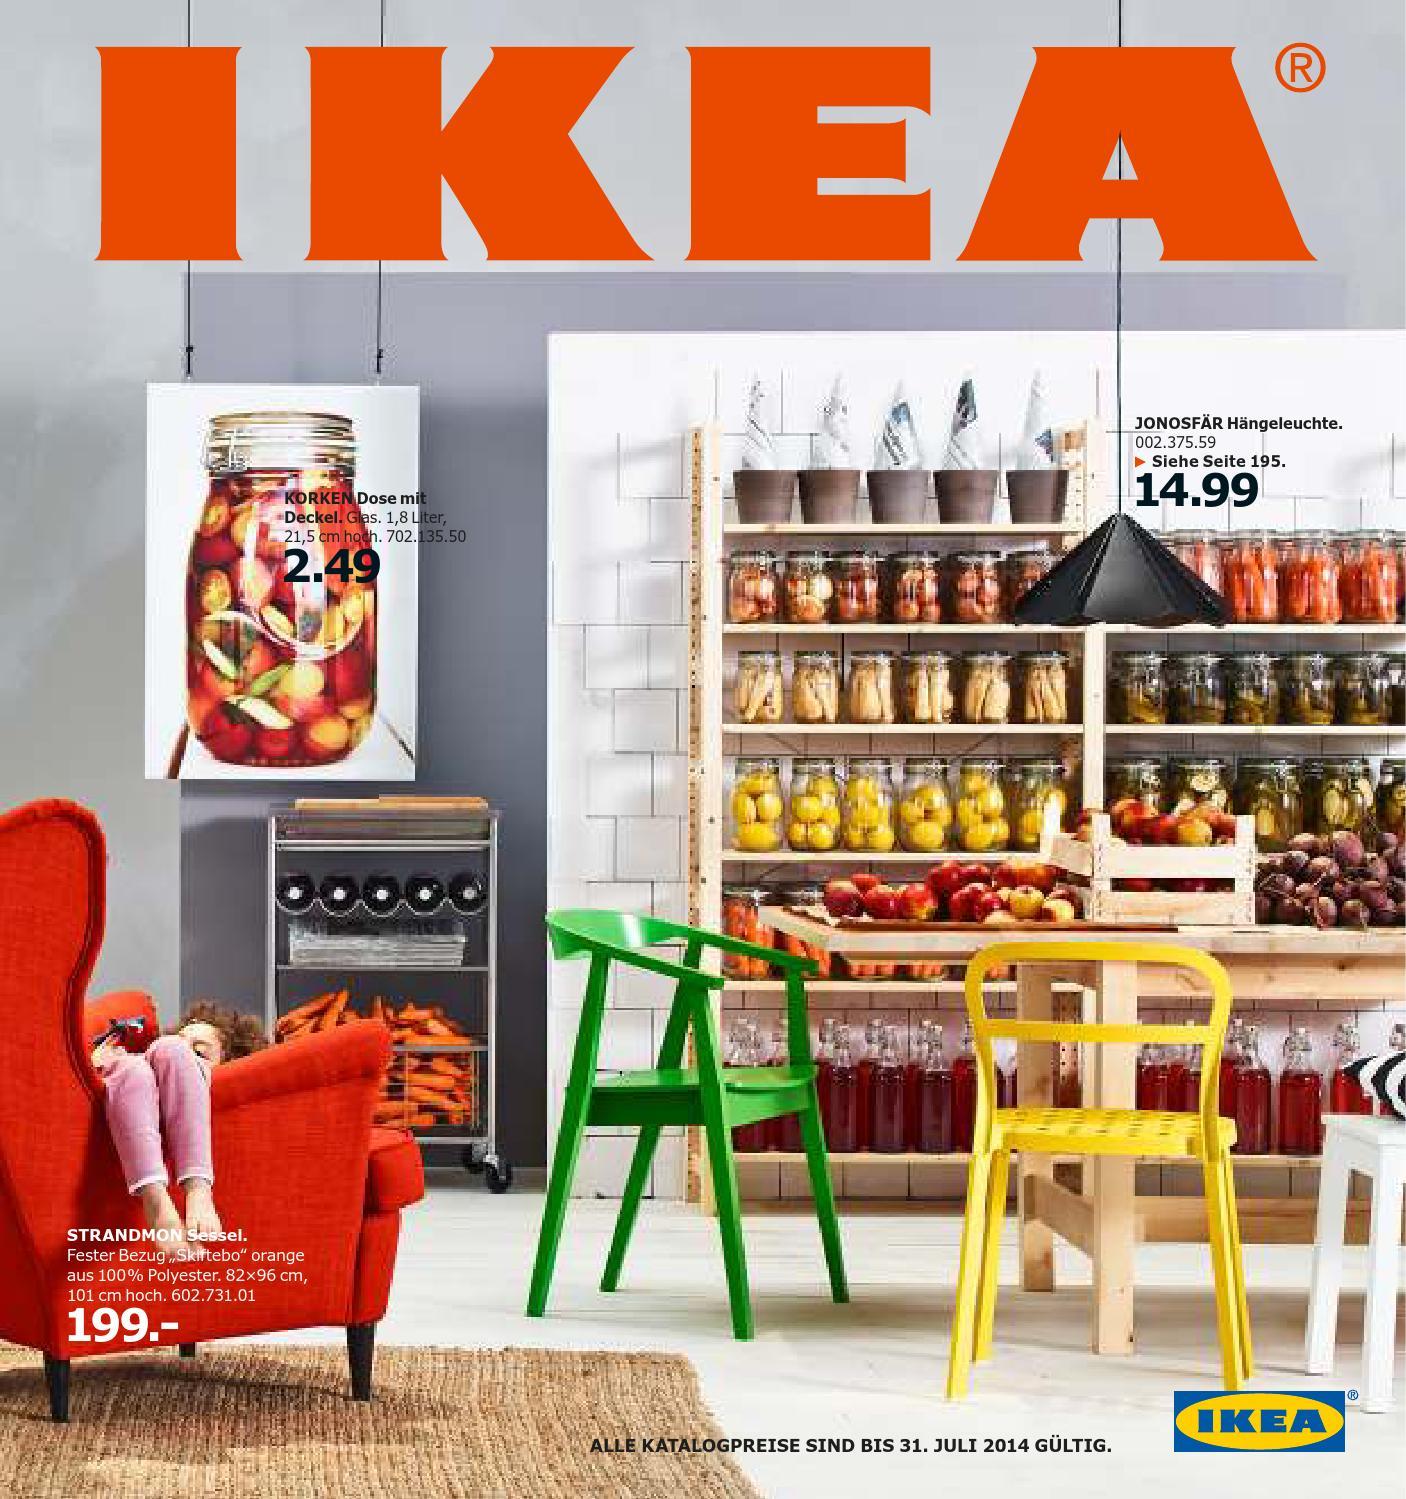 Full Size of Abfallbehälter Ikea Sofa Mit Schlaffunktion Küche Kosten Modulküche Miniküche Kaufen Betten 160x200 Bei Wohnzimmer Abfallbehälter Ikea